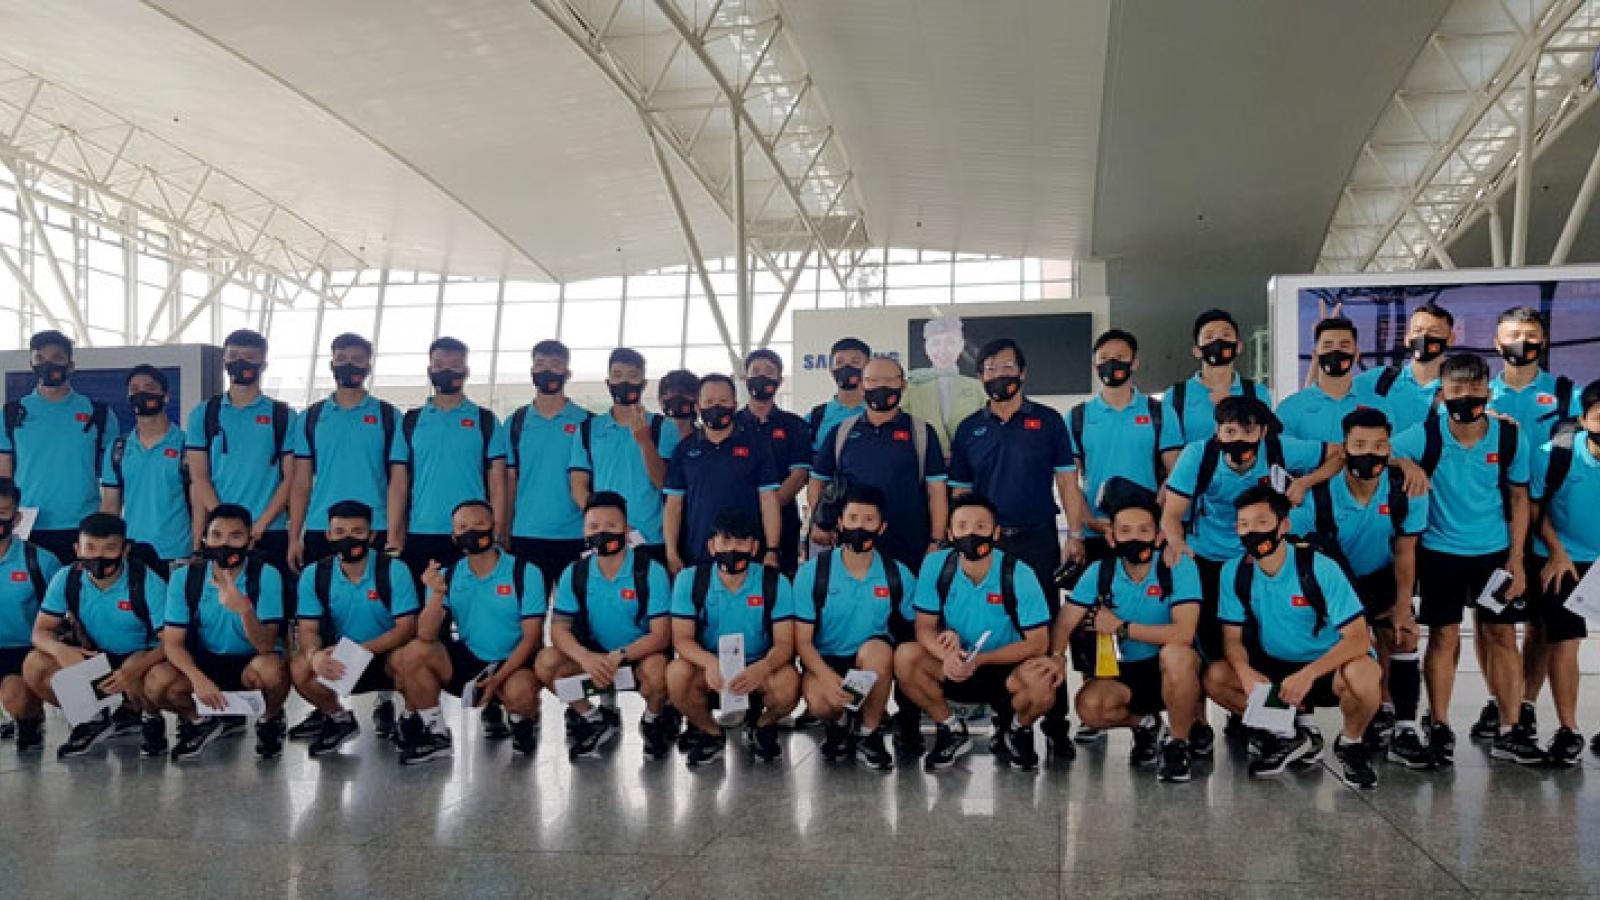 ĐT Việt Nam lên đường sang UAE dự vòng loại World Cup 2022